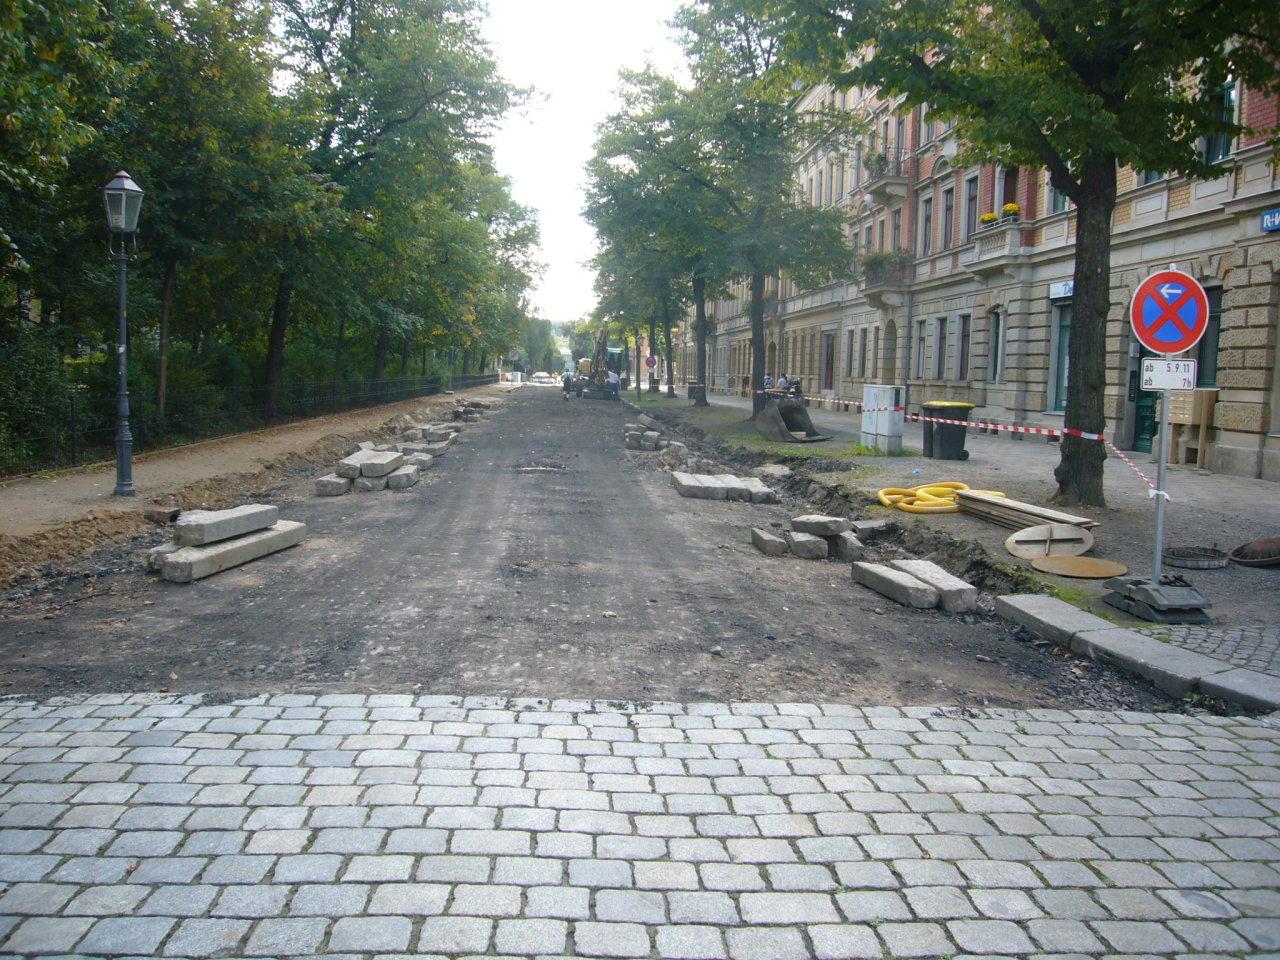 Sanierung am Bonhoefferplatz West hat begonnen